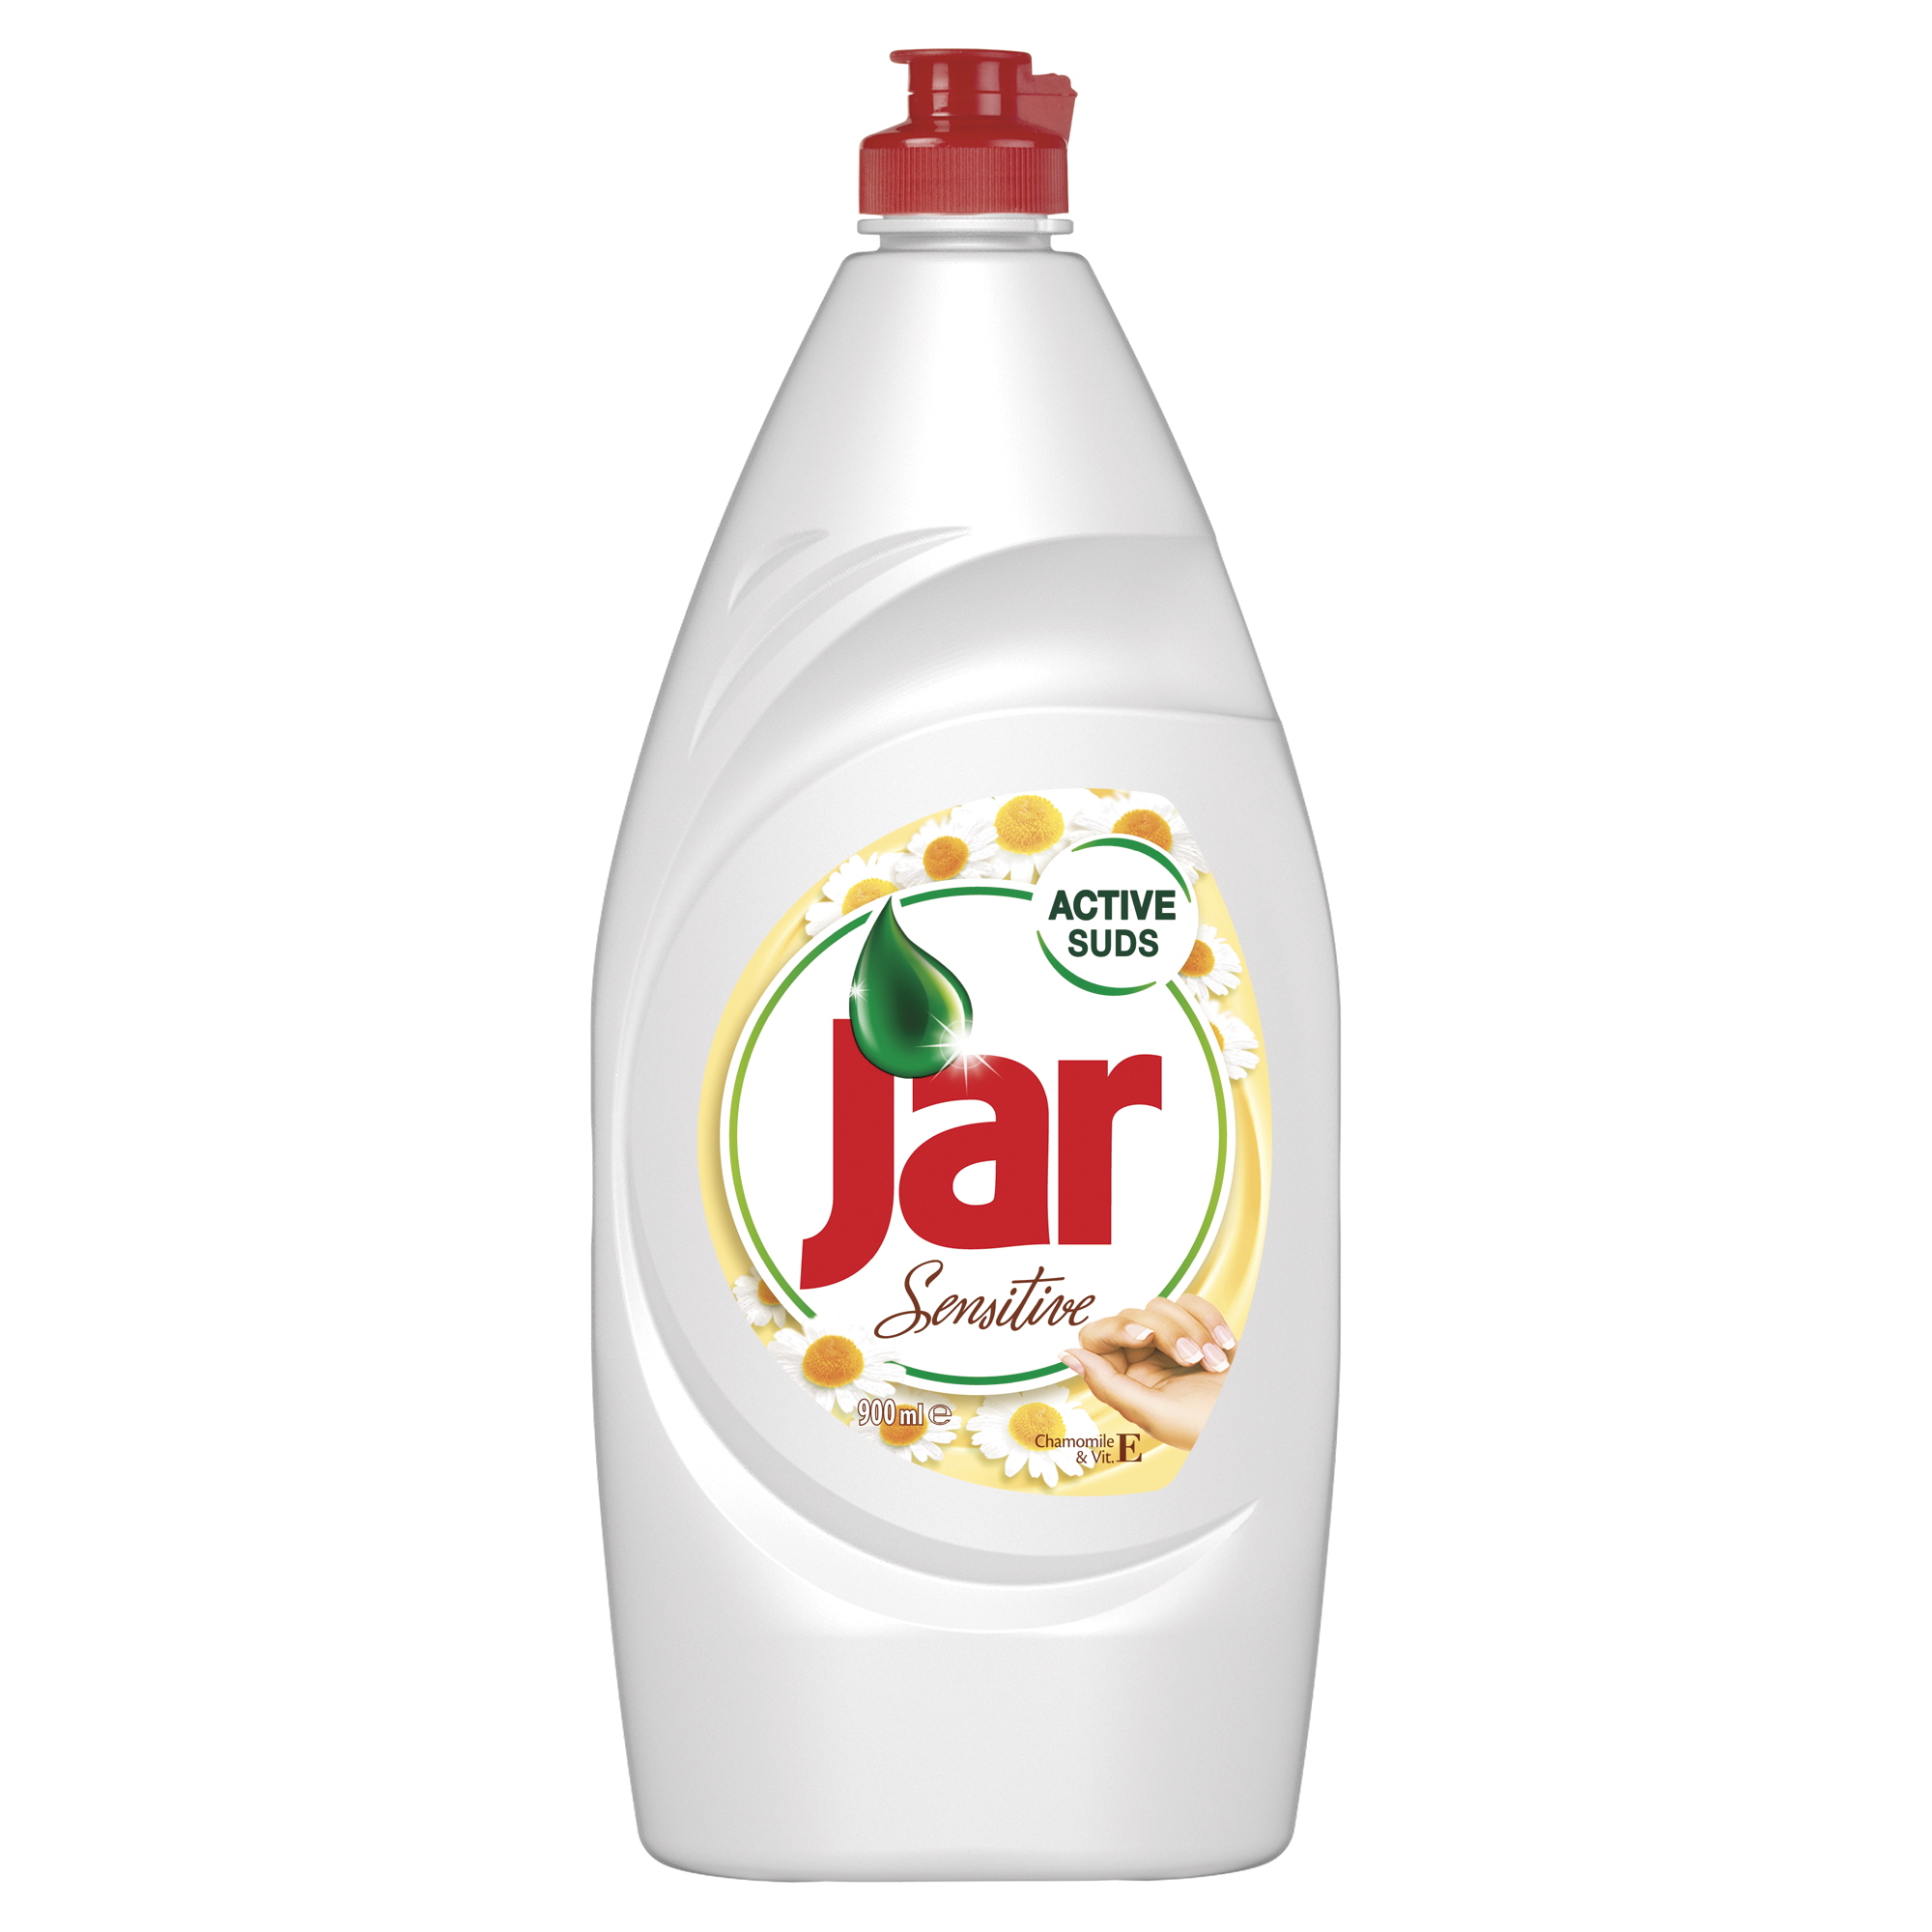 Jar Sensitive Heřmánek & Vitamin E na nádobí 900 ml